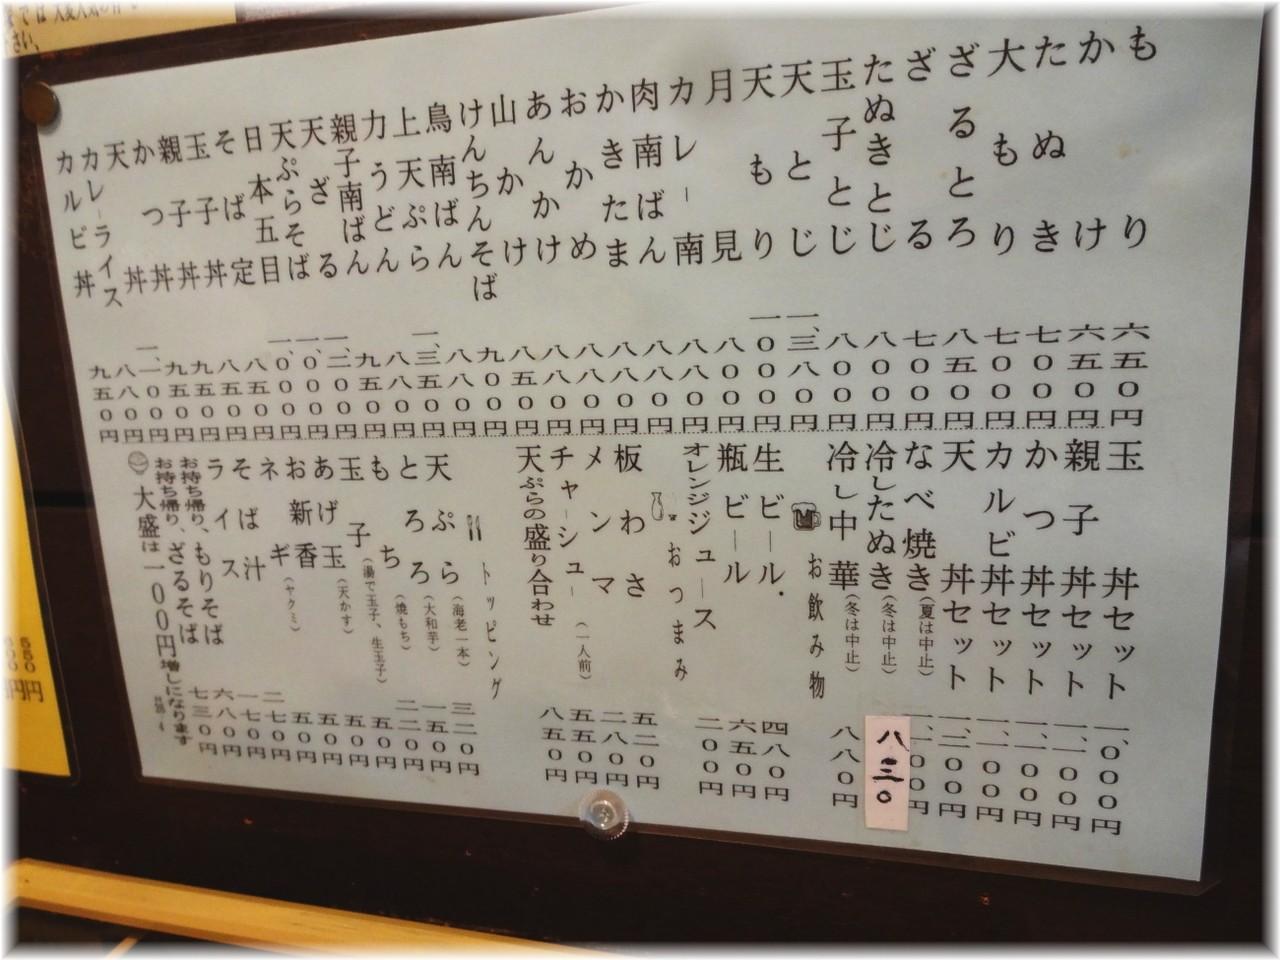 大黒庵本店 蕎麦メニュー